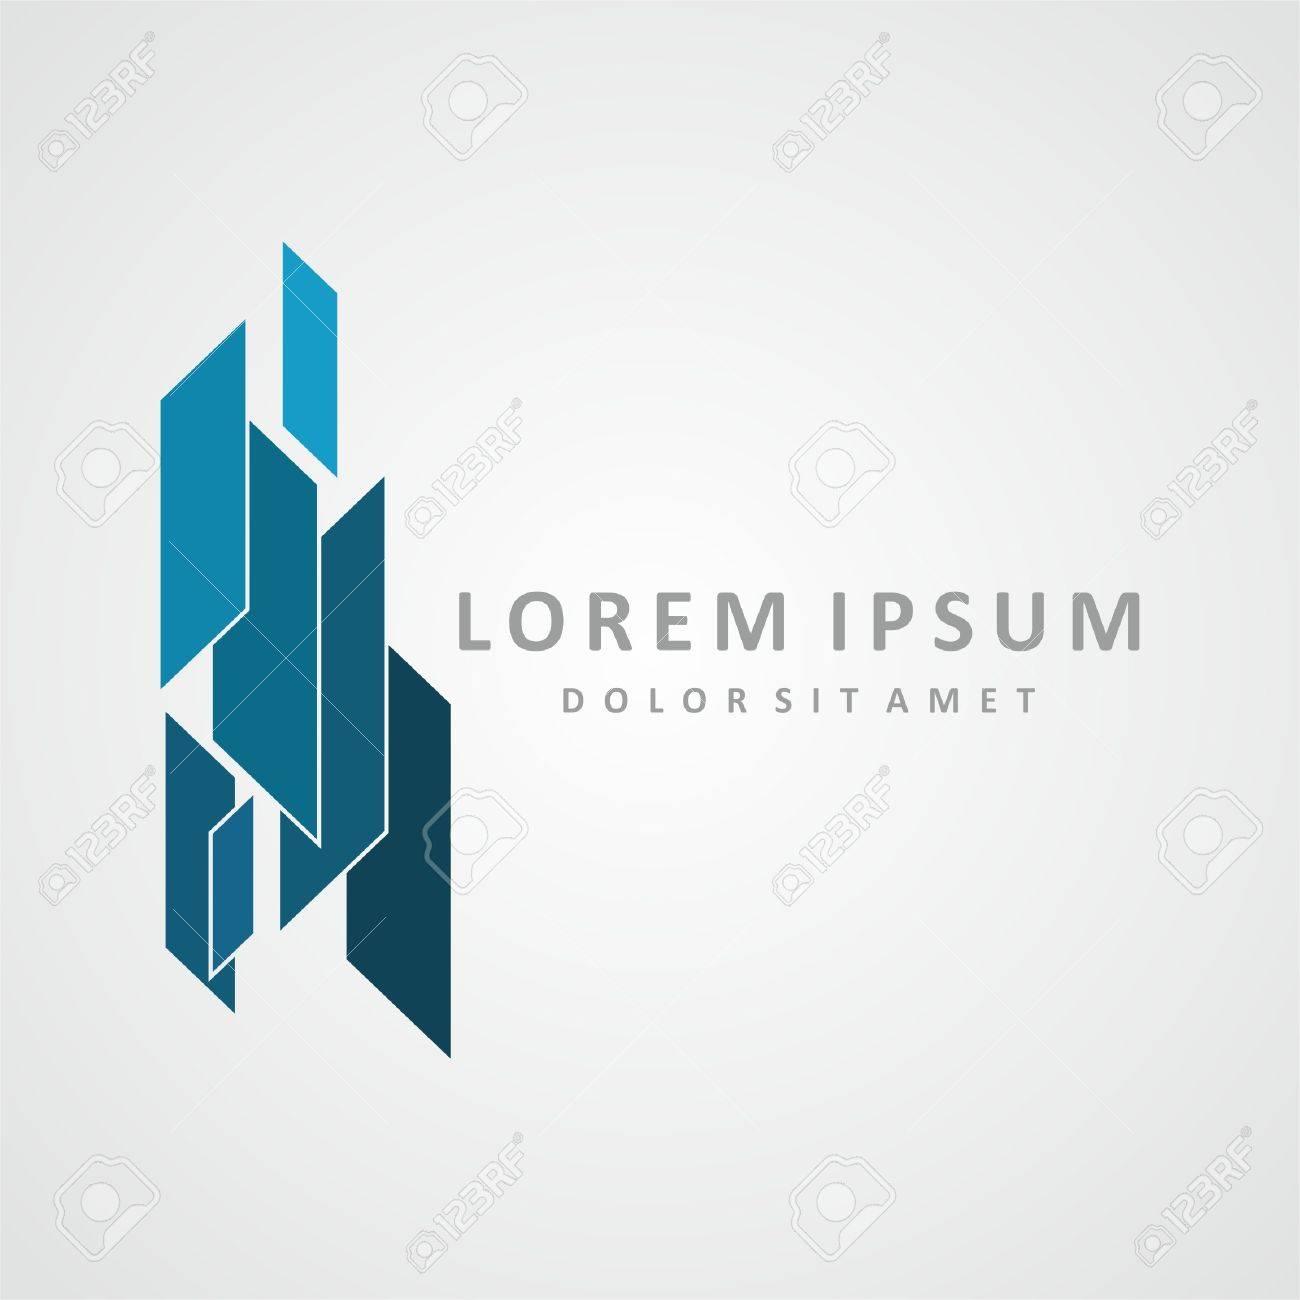 Building logo design  Real estate company logo design, abstract